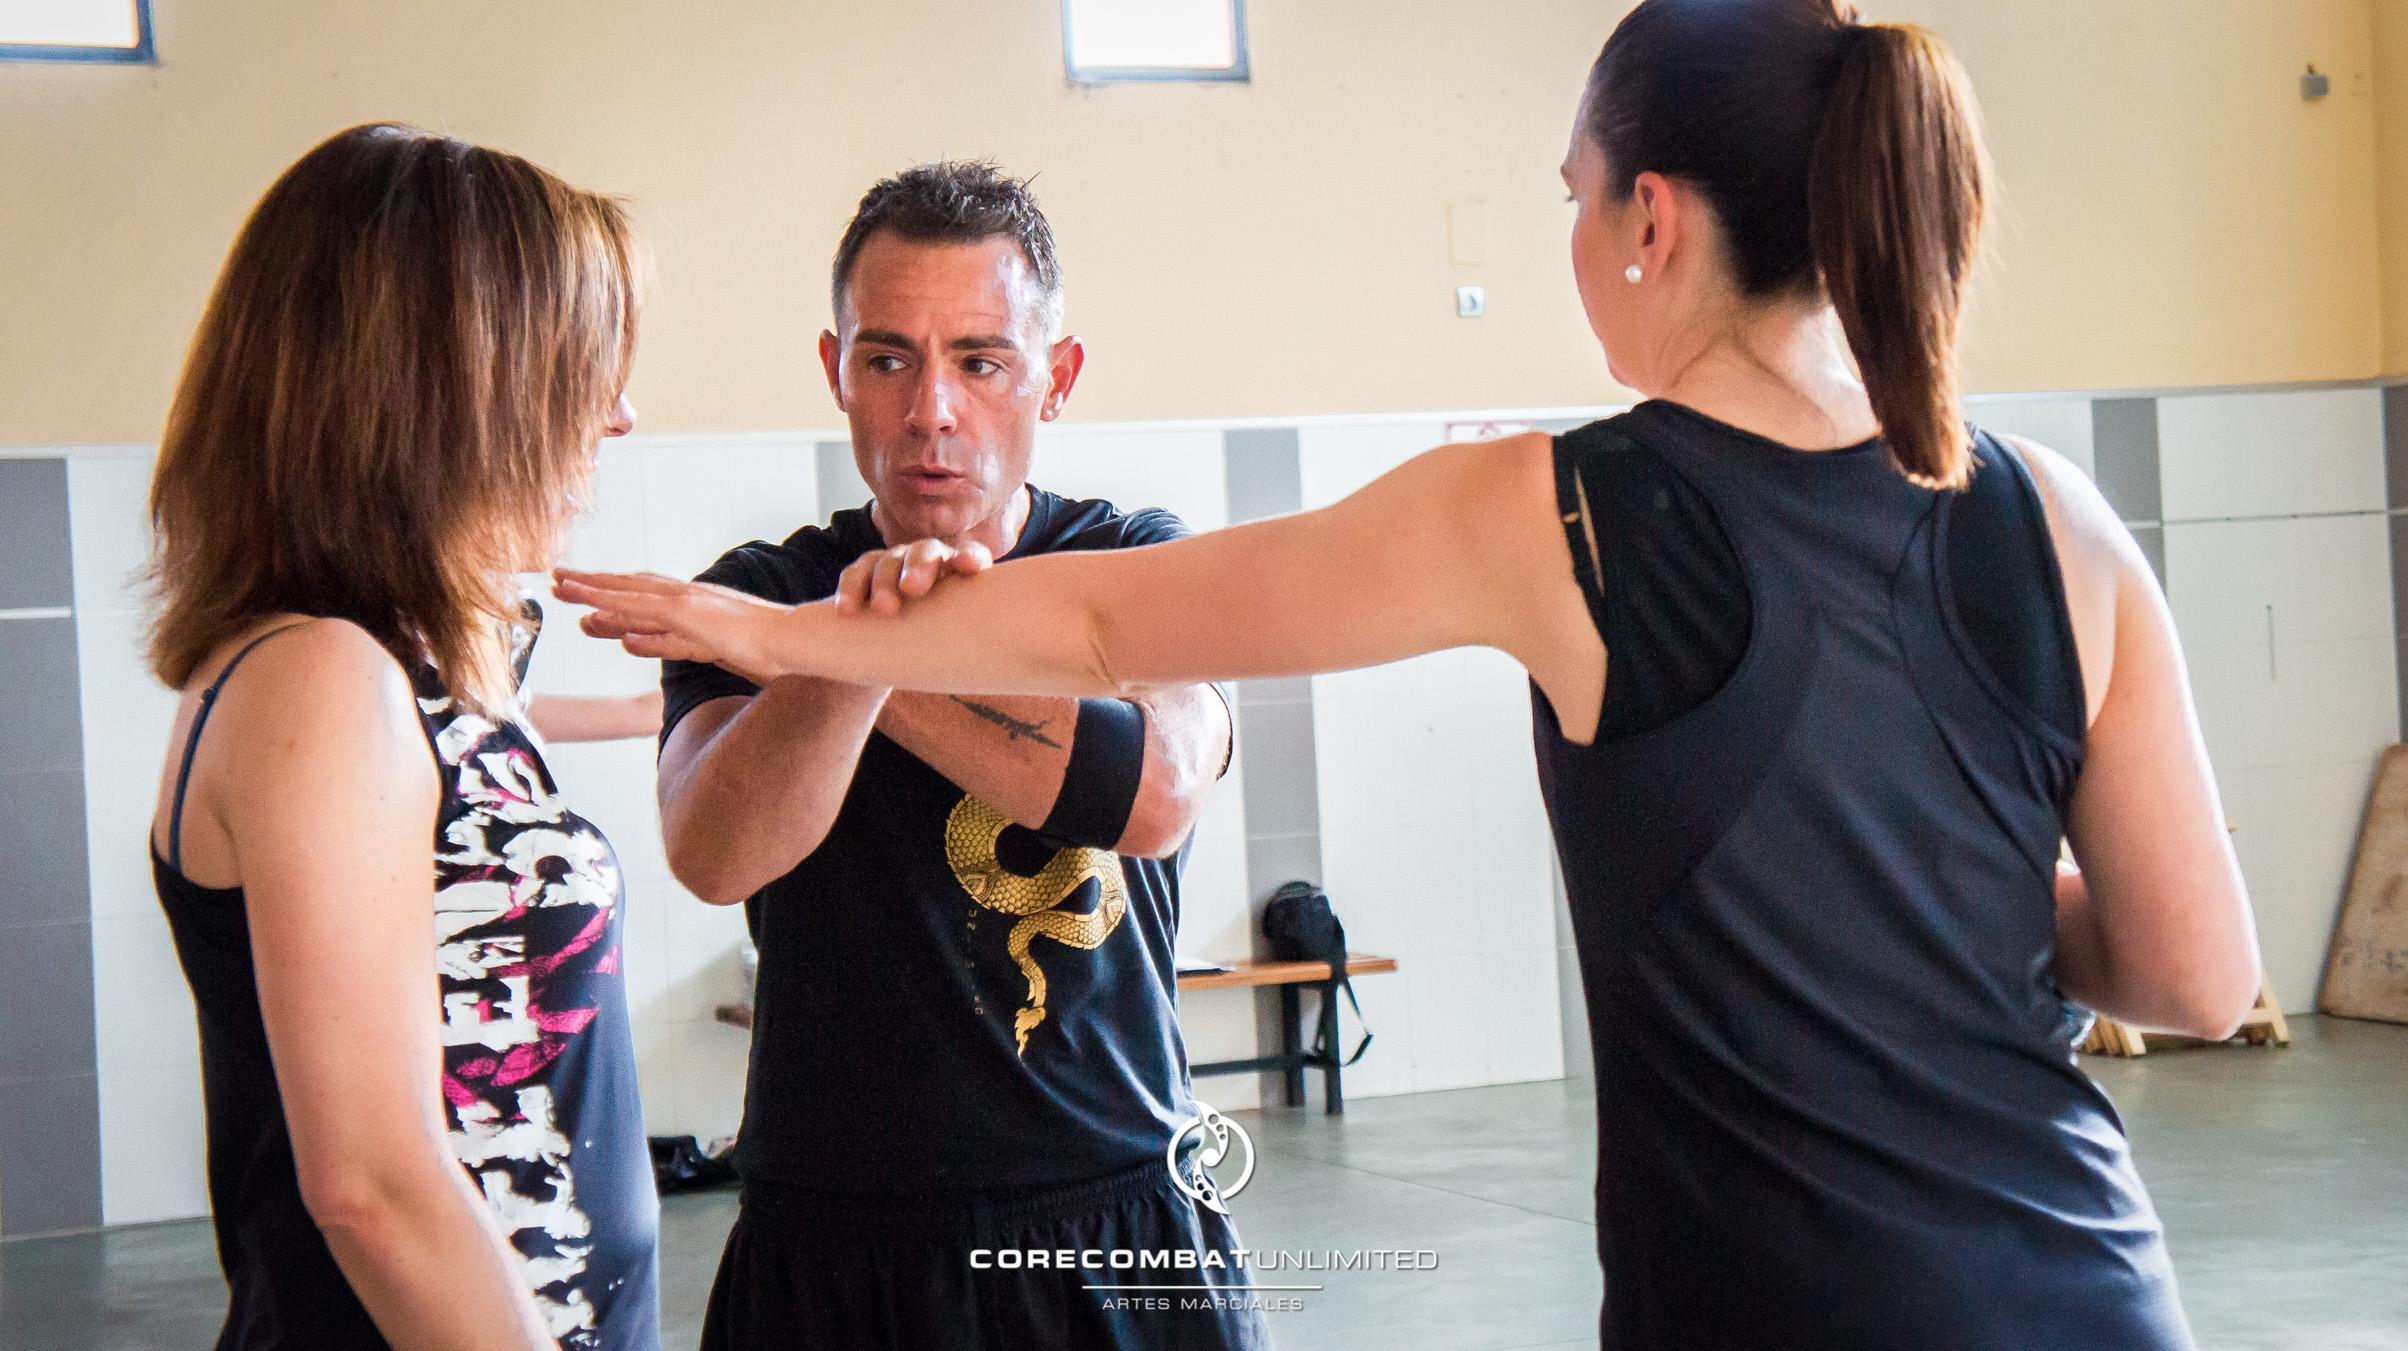 curso-defensa-personal-para-mujeres-zamora-coreses-artes-marciales-zamora-core-combat-salamanca-valladolid-leon-madrid-21